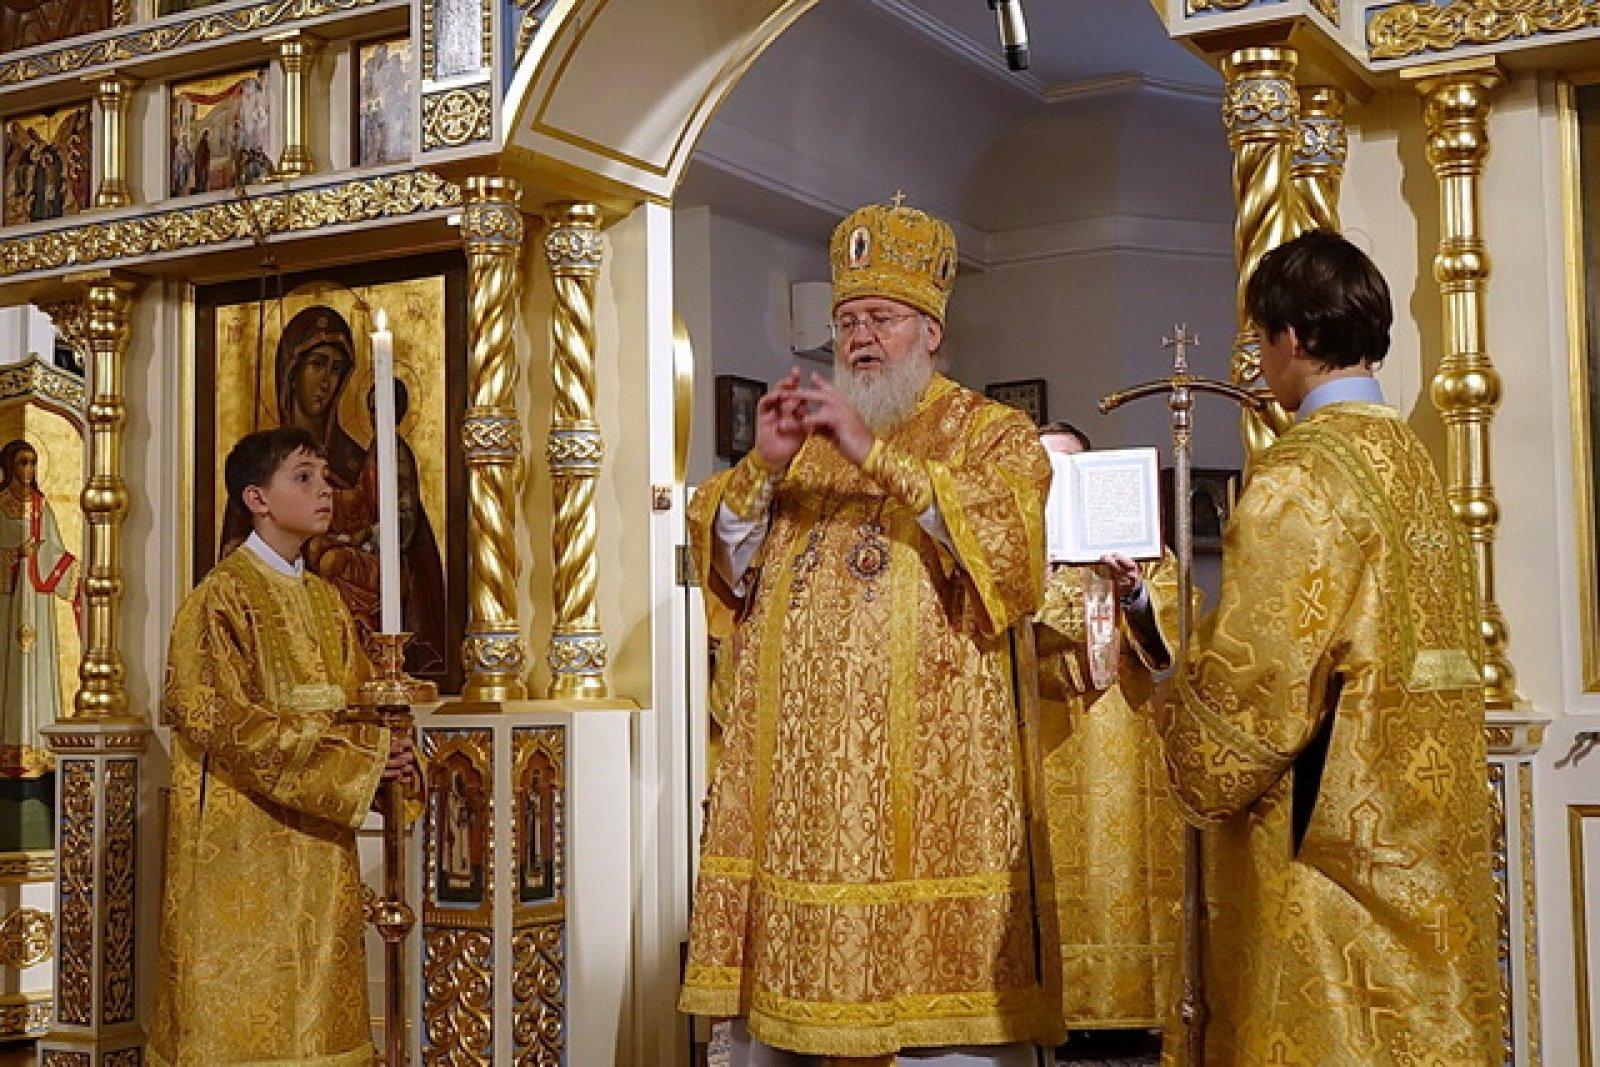 НЬЮ-ЙОРК: 16 ноября 2015 г. В Знаменском Синодальном соборе прошел вечер памяти священника Даниила Сысоева